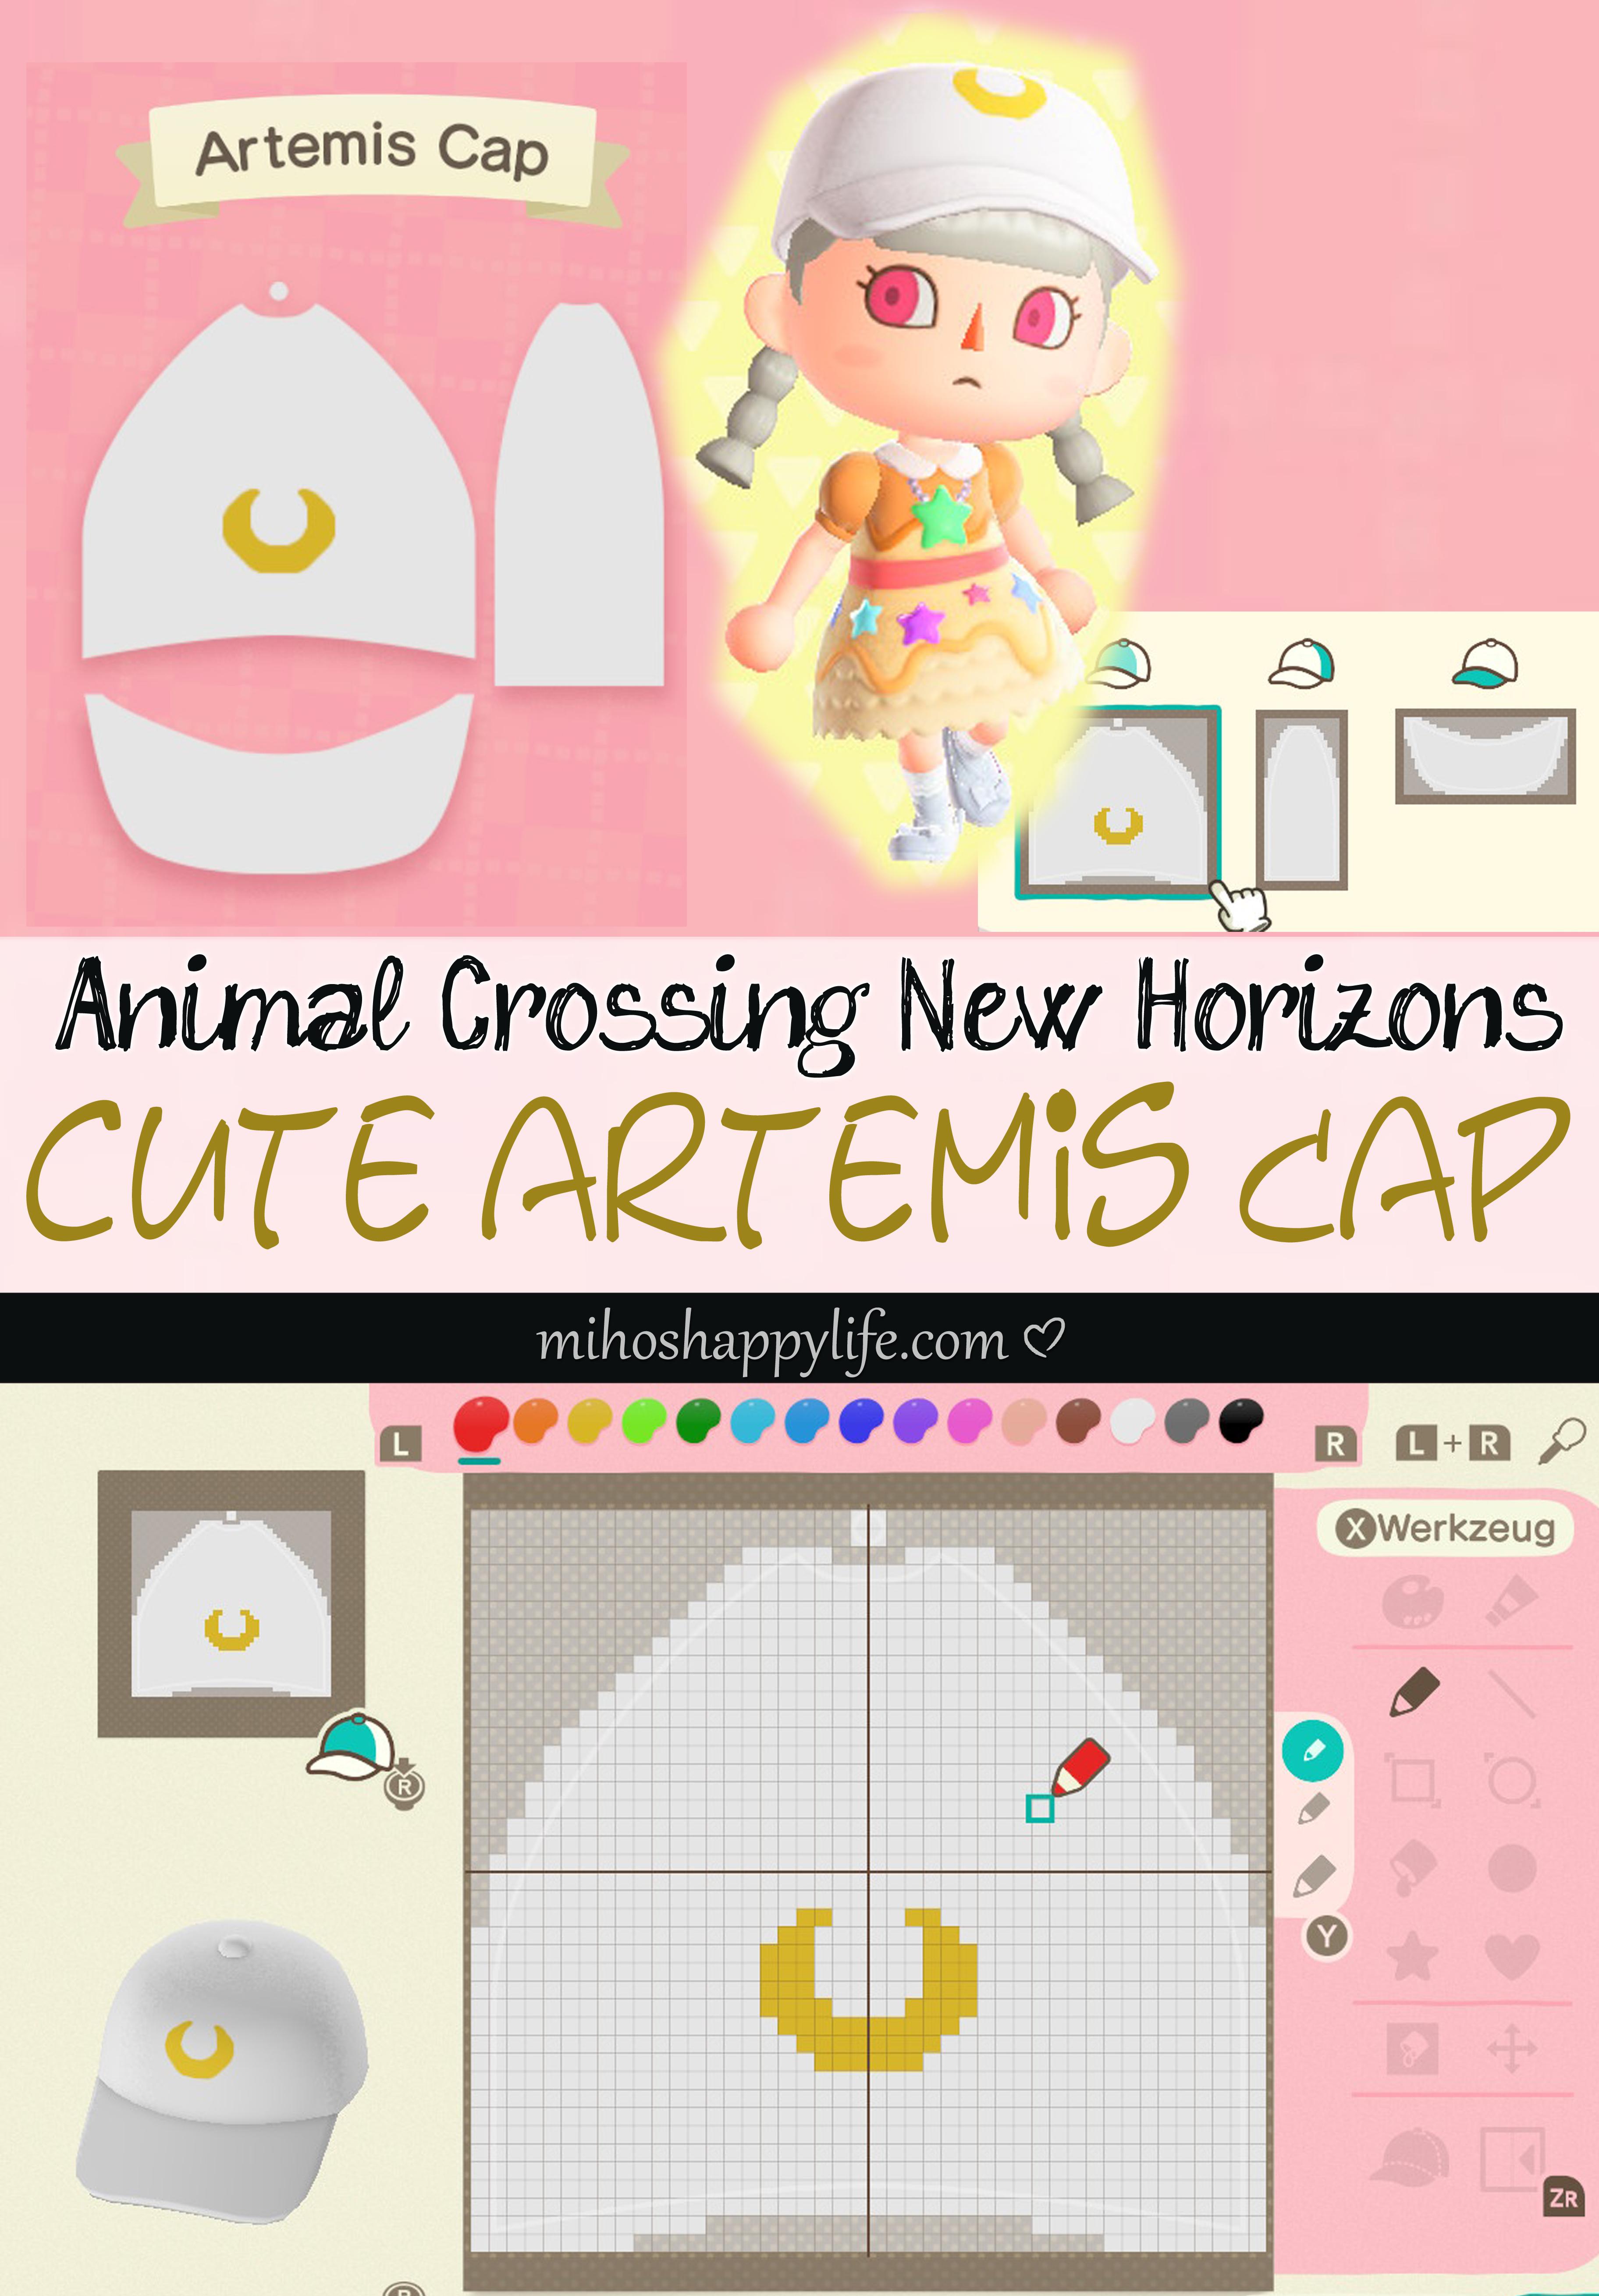 mihoshappylife-animal-crossing-sailormoon-artemis-cap